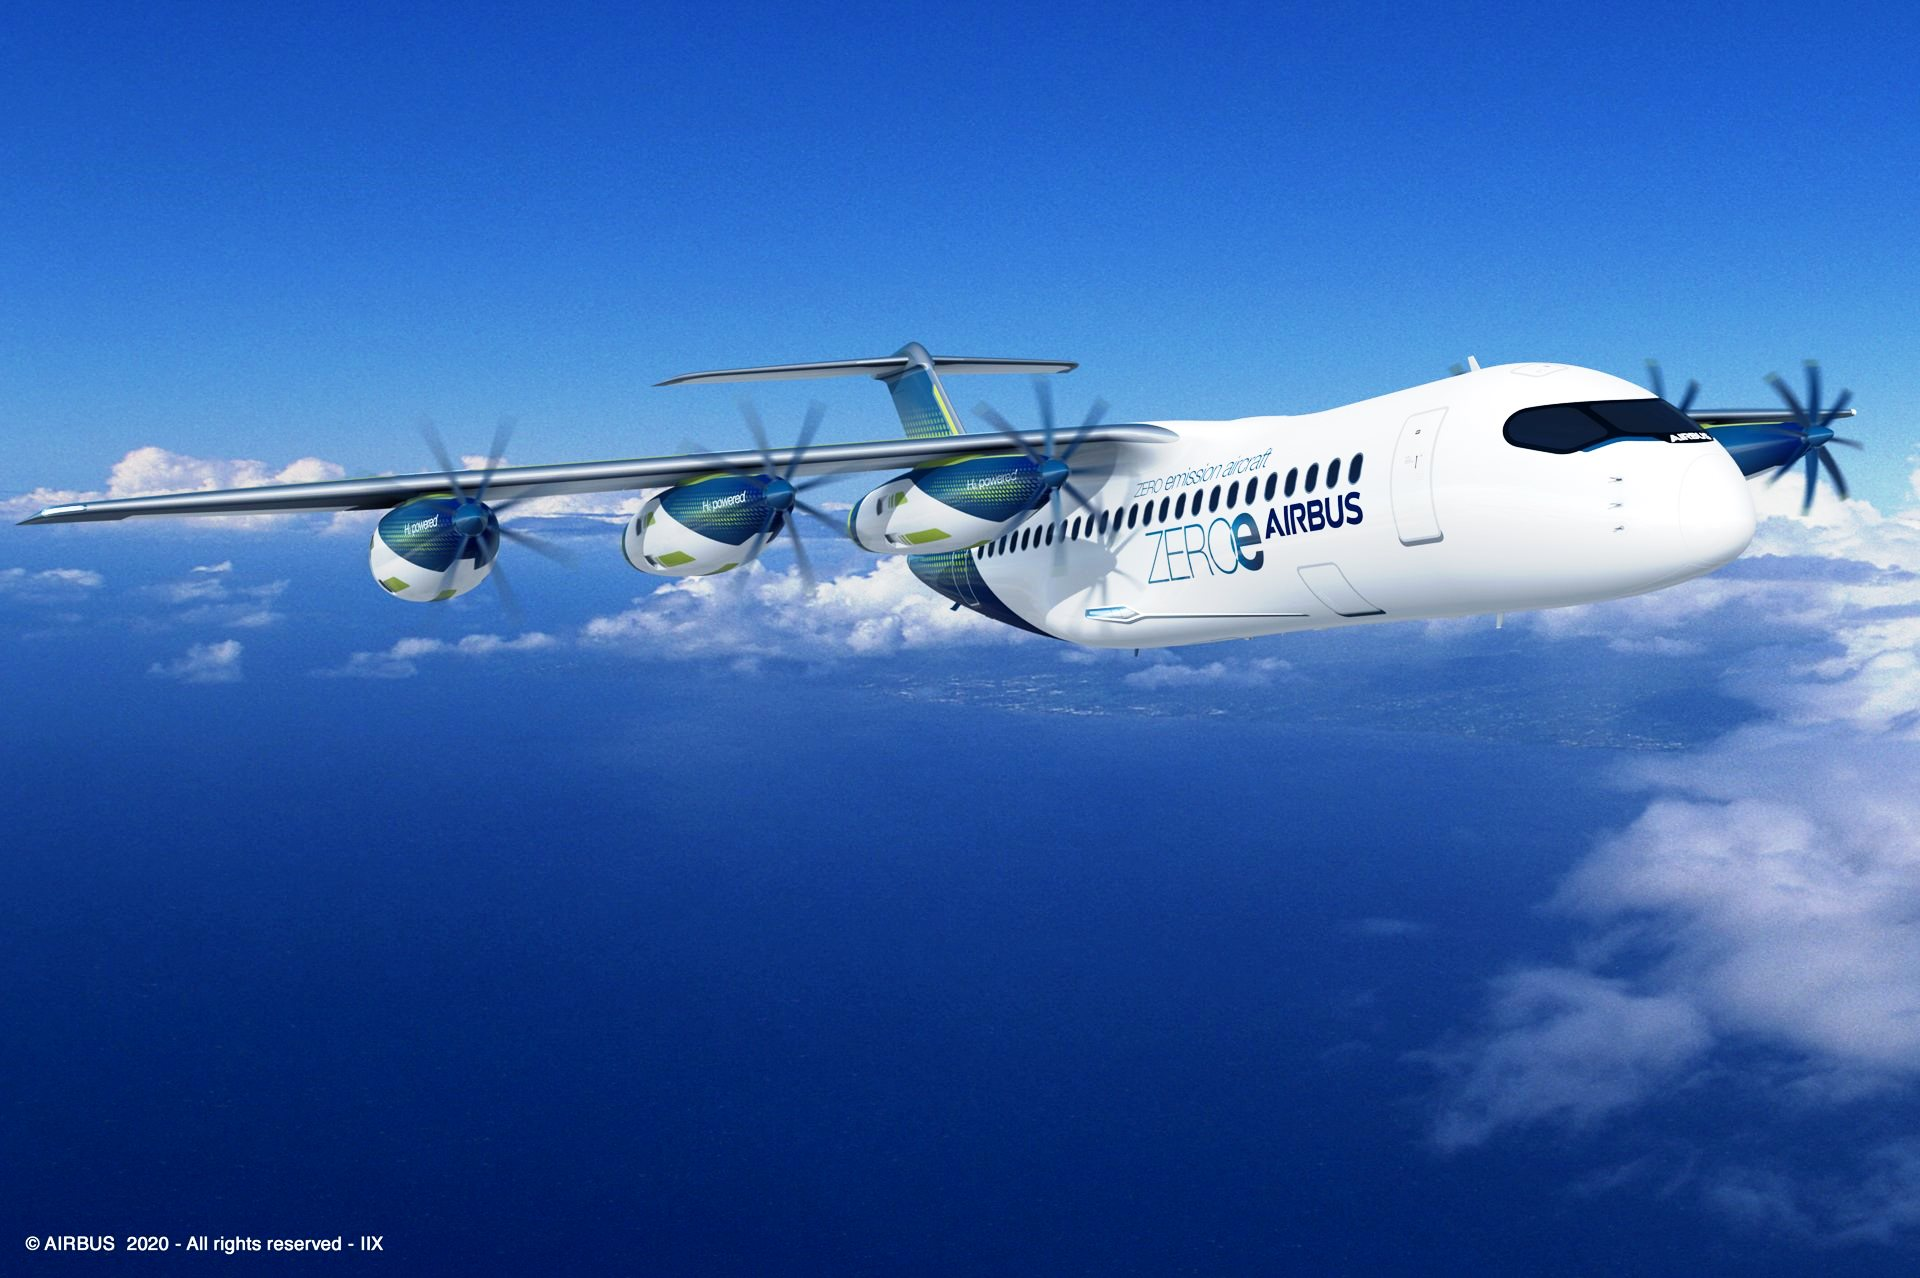 Airbus-Wasserstoff-Flugzeug-mit-sechs-Propellern